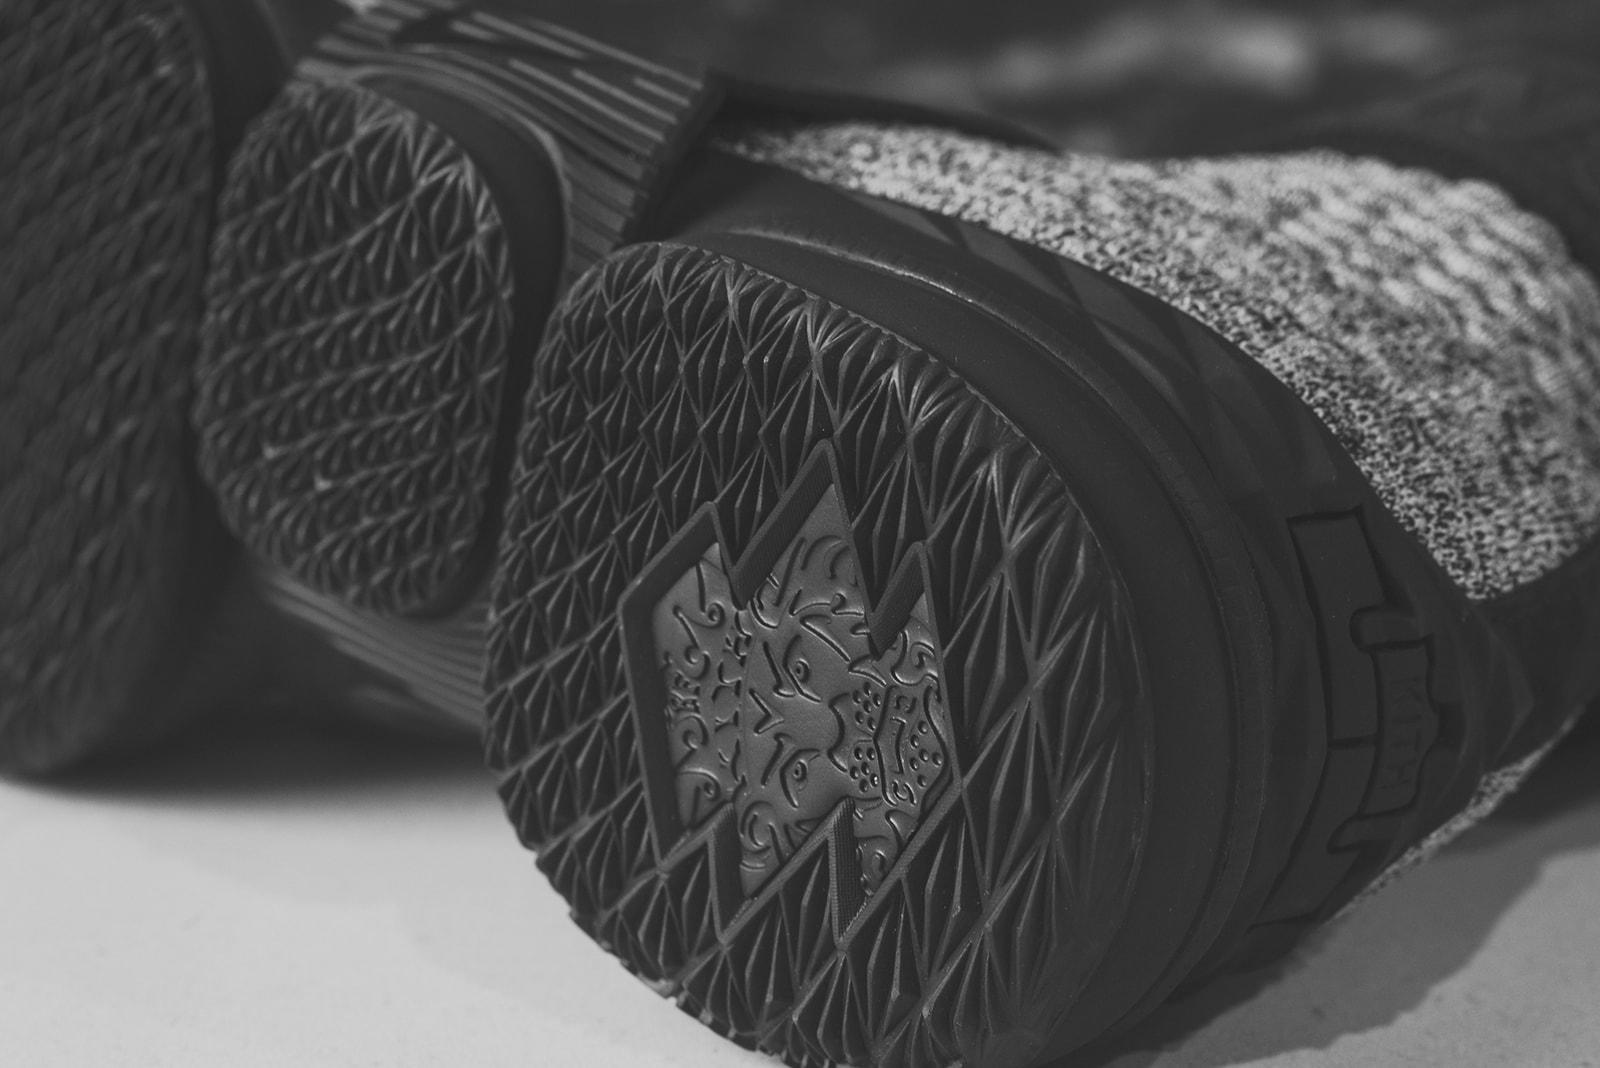 최신 니트 운동화 정보 3종 키스 나이키 아디다스 르브론 제임스 2017 brand new knit footwear information three Nike Adidas Lebron James